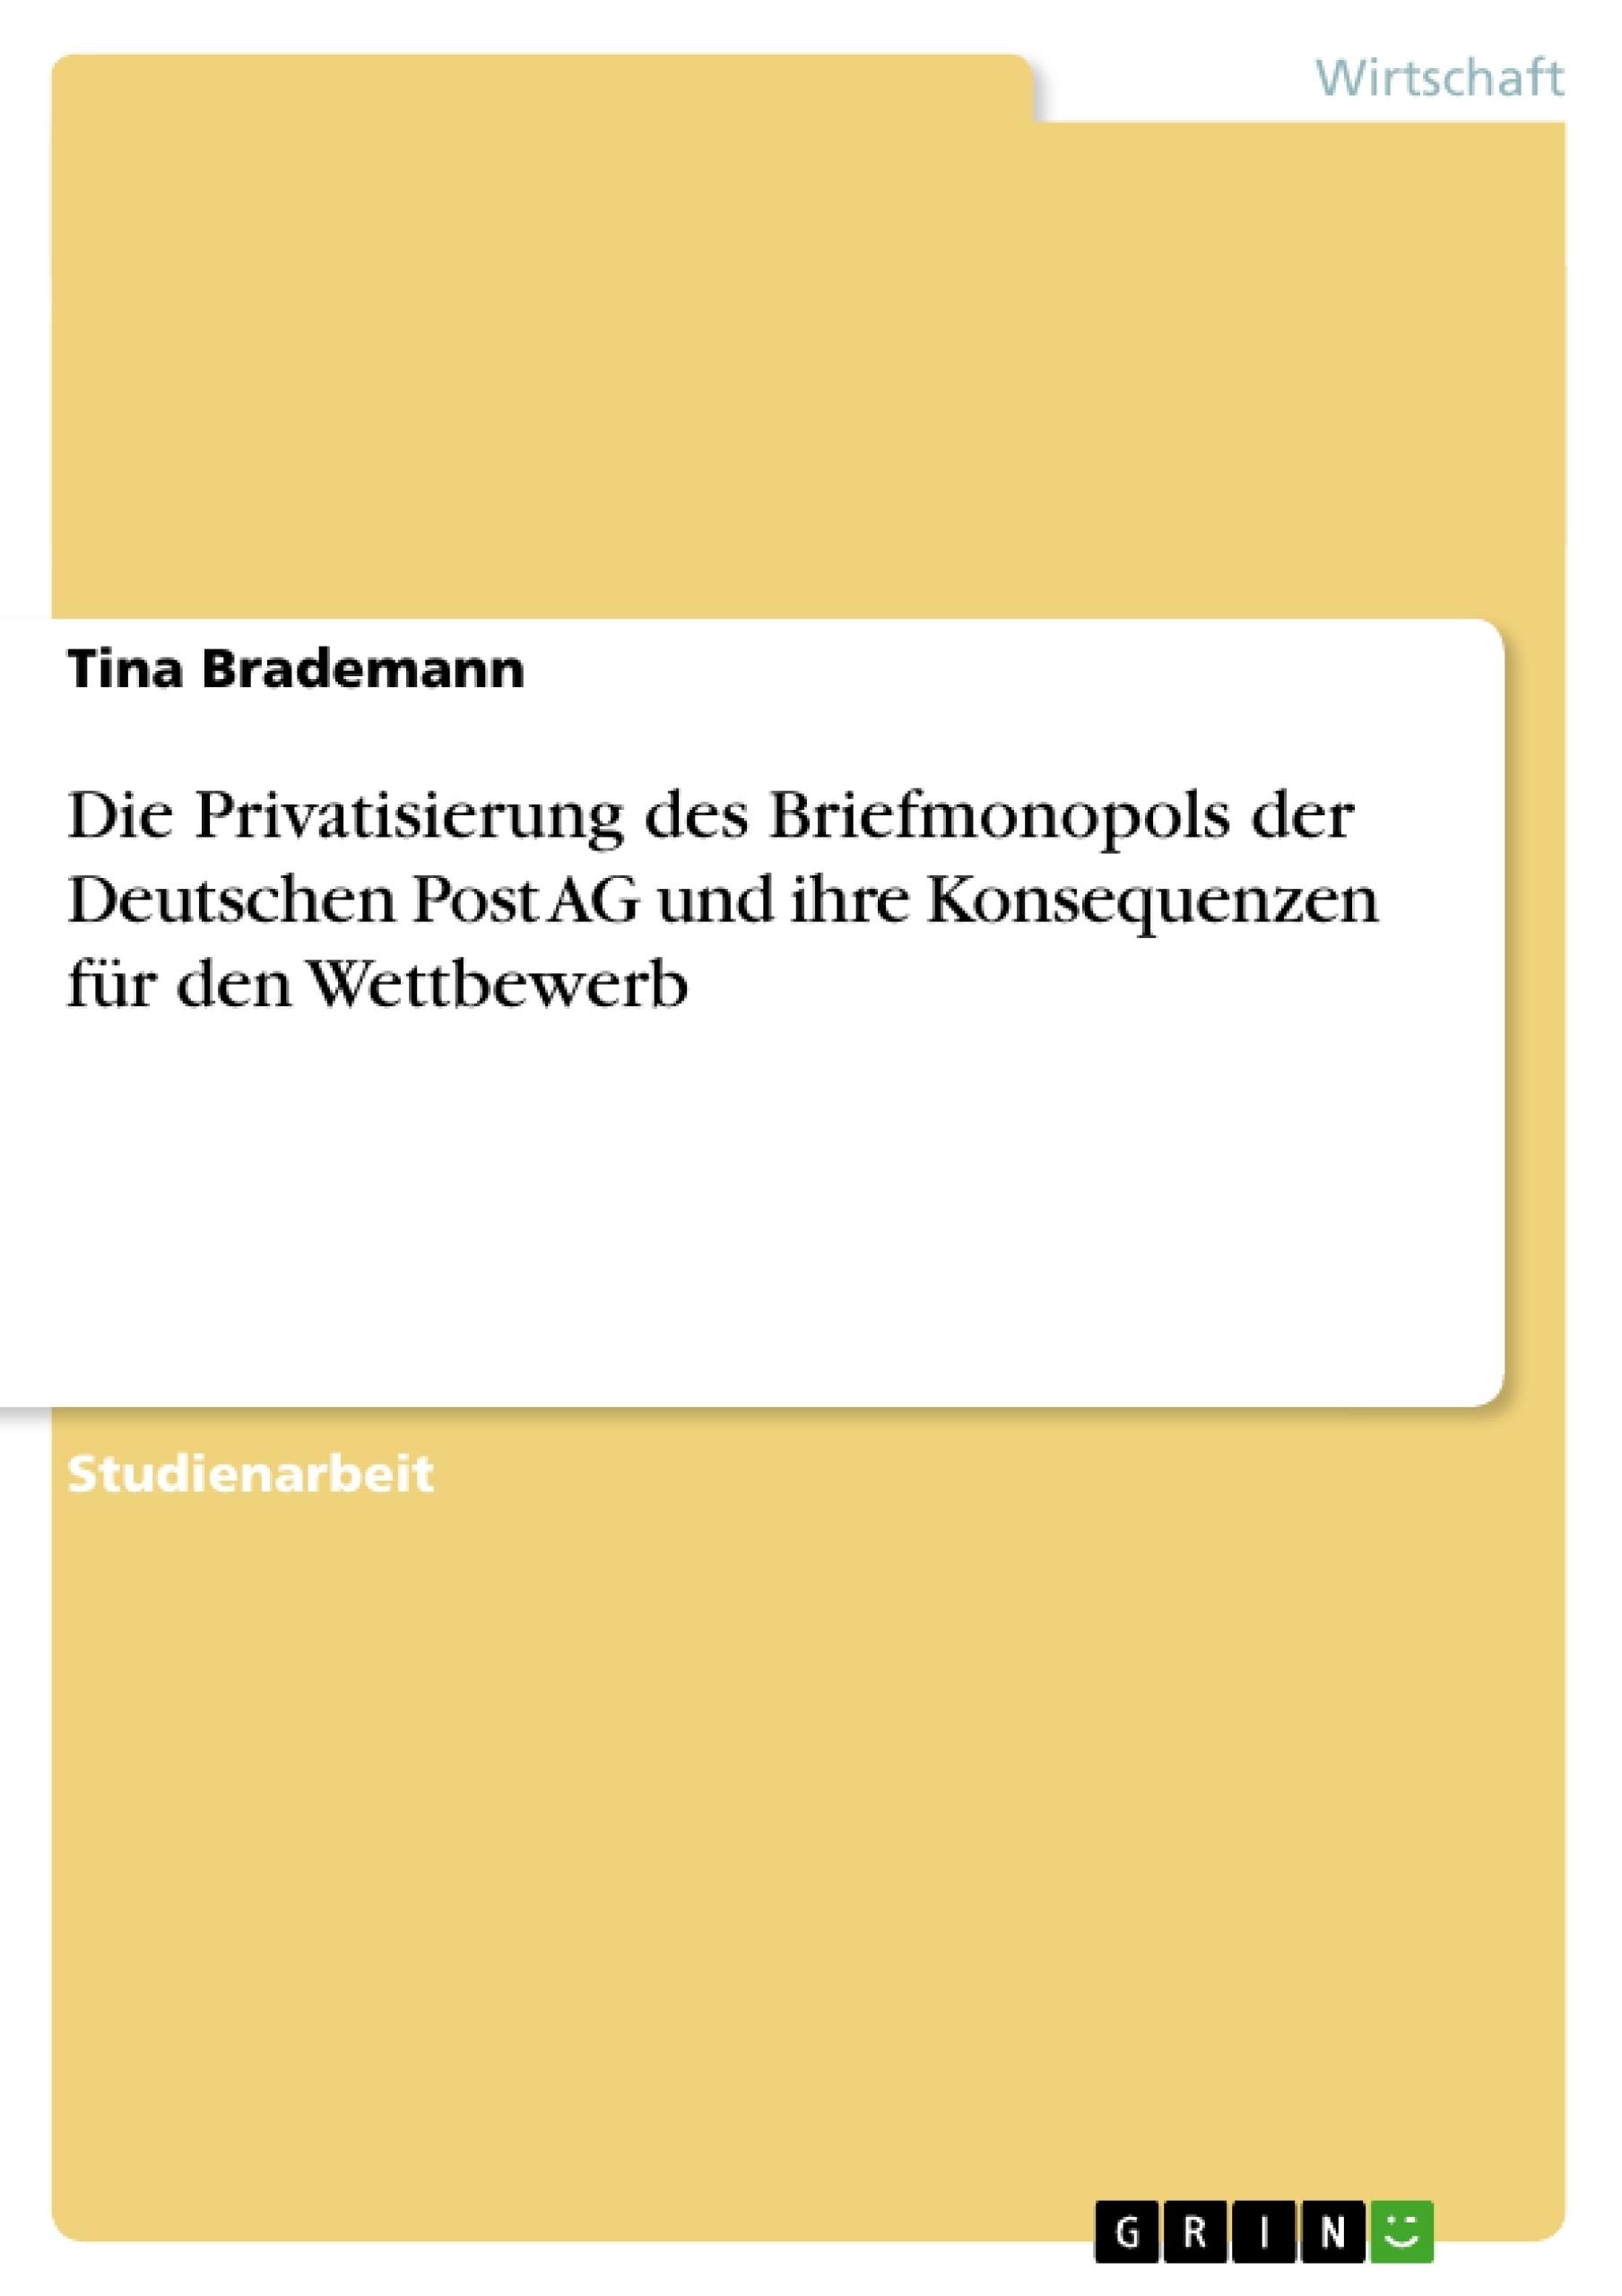 Titel: Die Privatisierung des Briefmonopols der Deutschen Post AG und ihre Konsequenzen für den Wettbewerb